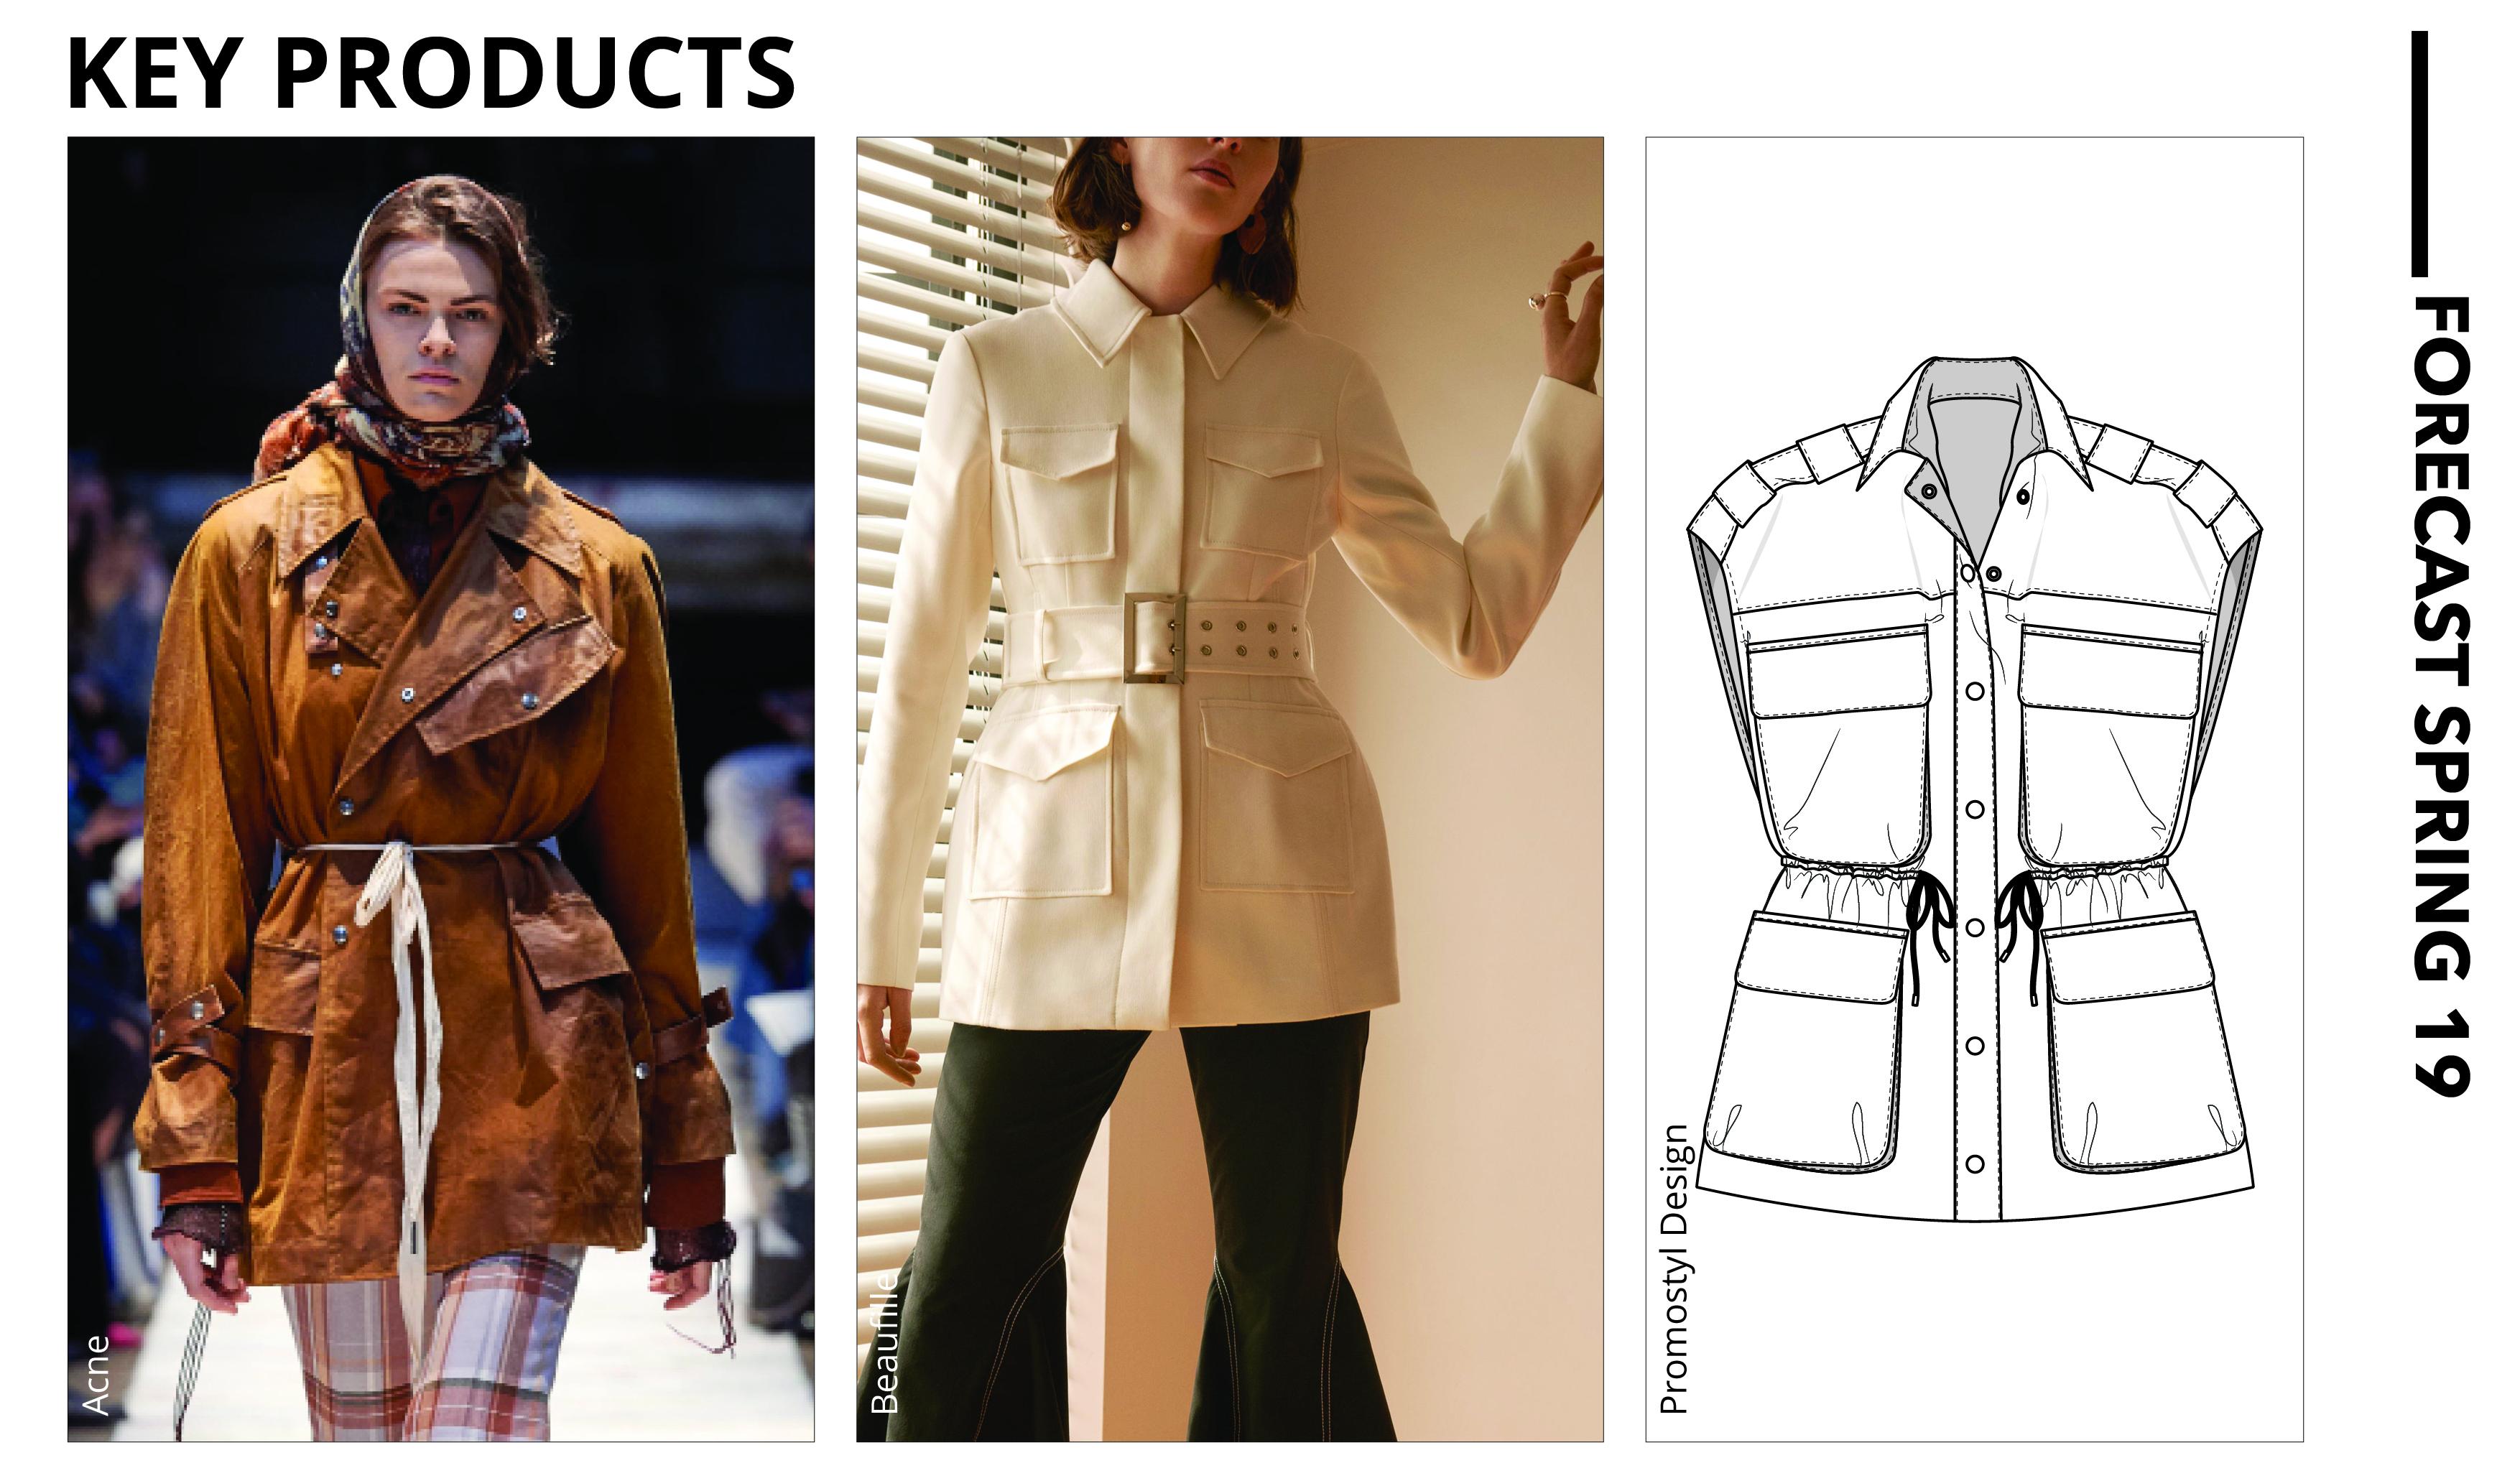 Une garde-robe élégante et fonctionnelle qui s amuse avec les codes d un  sportswear stylisé, remodelant les tenues de la fashionista décontractées. b1a62bf2bce